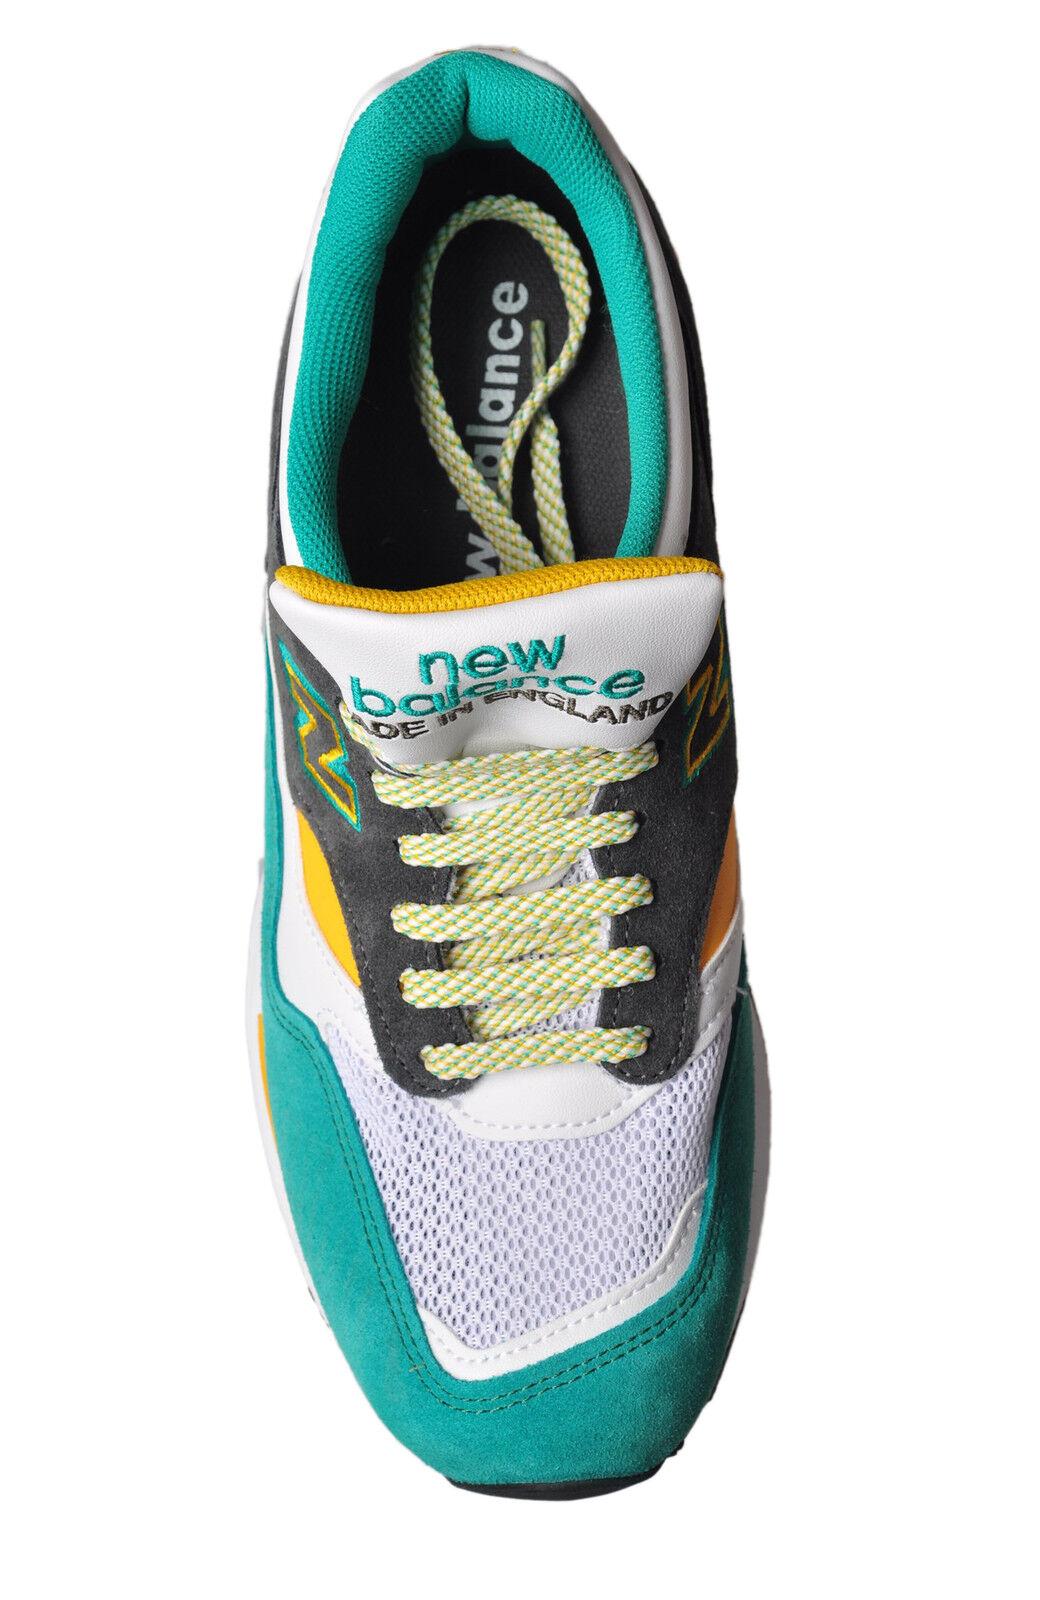 New Balance Scarpe  -  Scarpe Balance da Ginnastica - male - Green - 280027A185011 4cd312